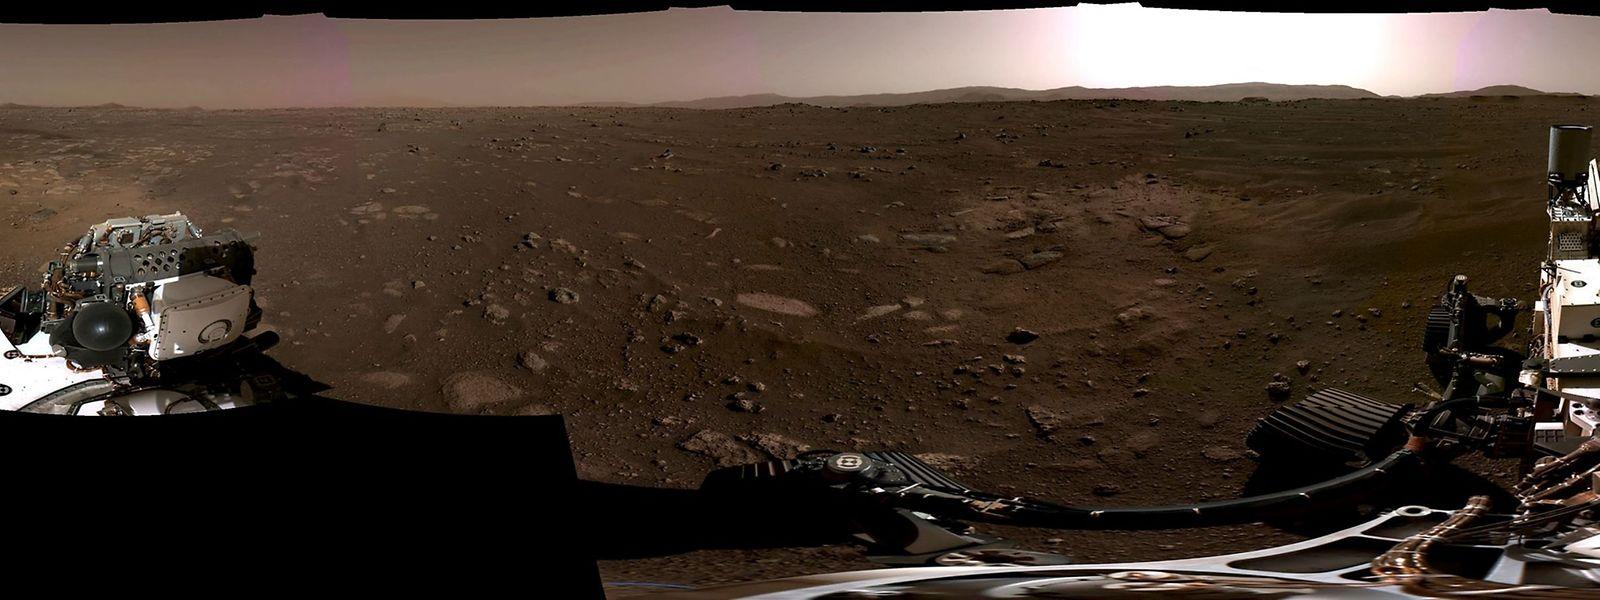 Le panamora de Mars pris par le rover Perseverance.